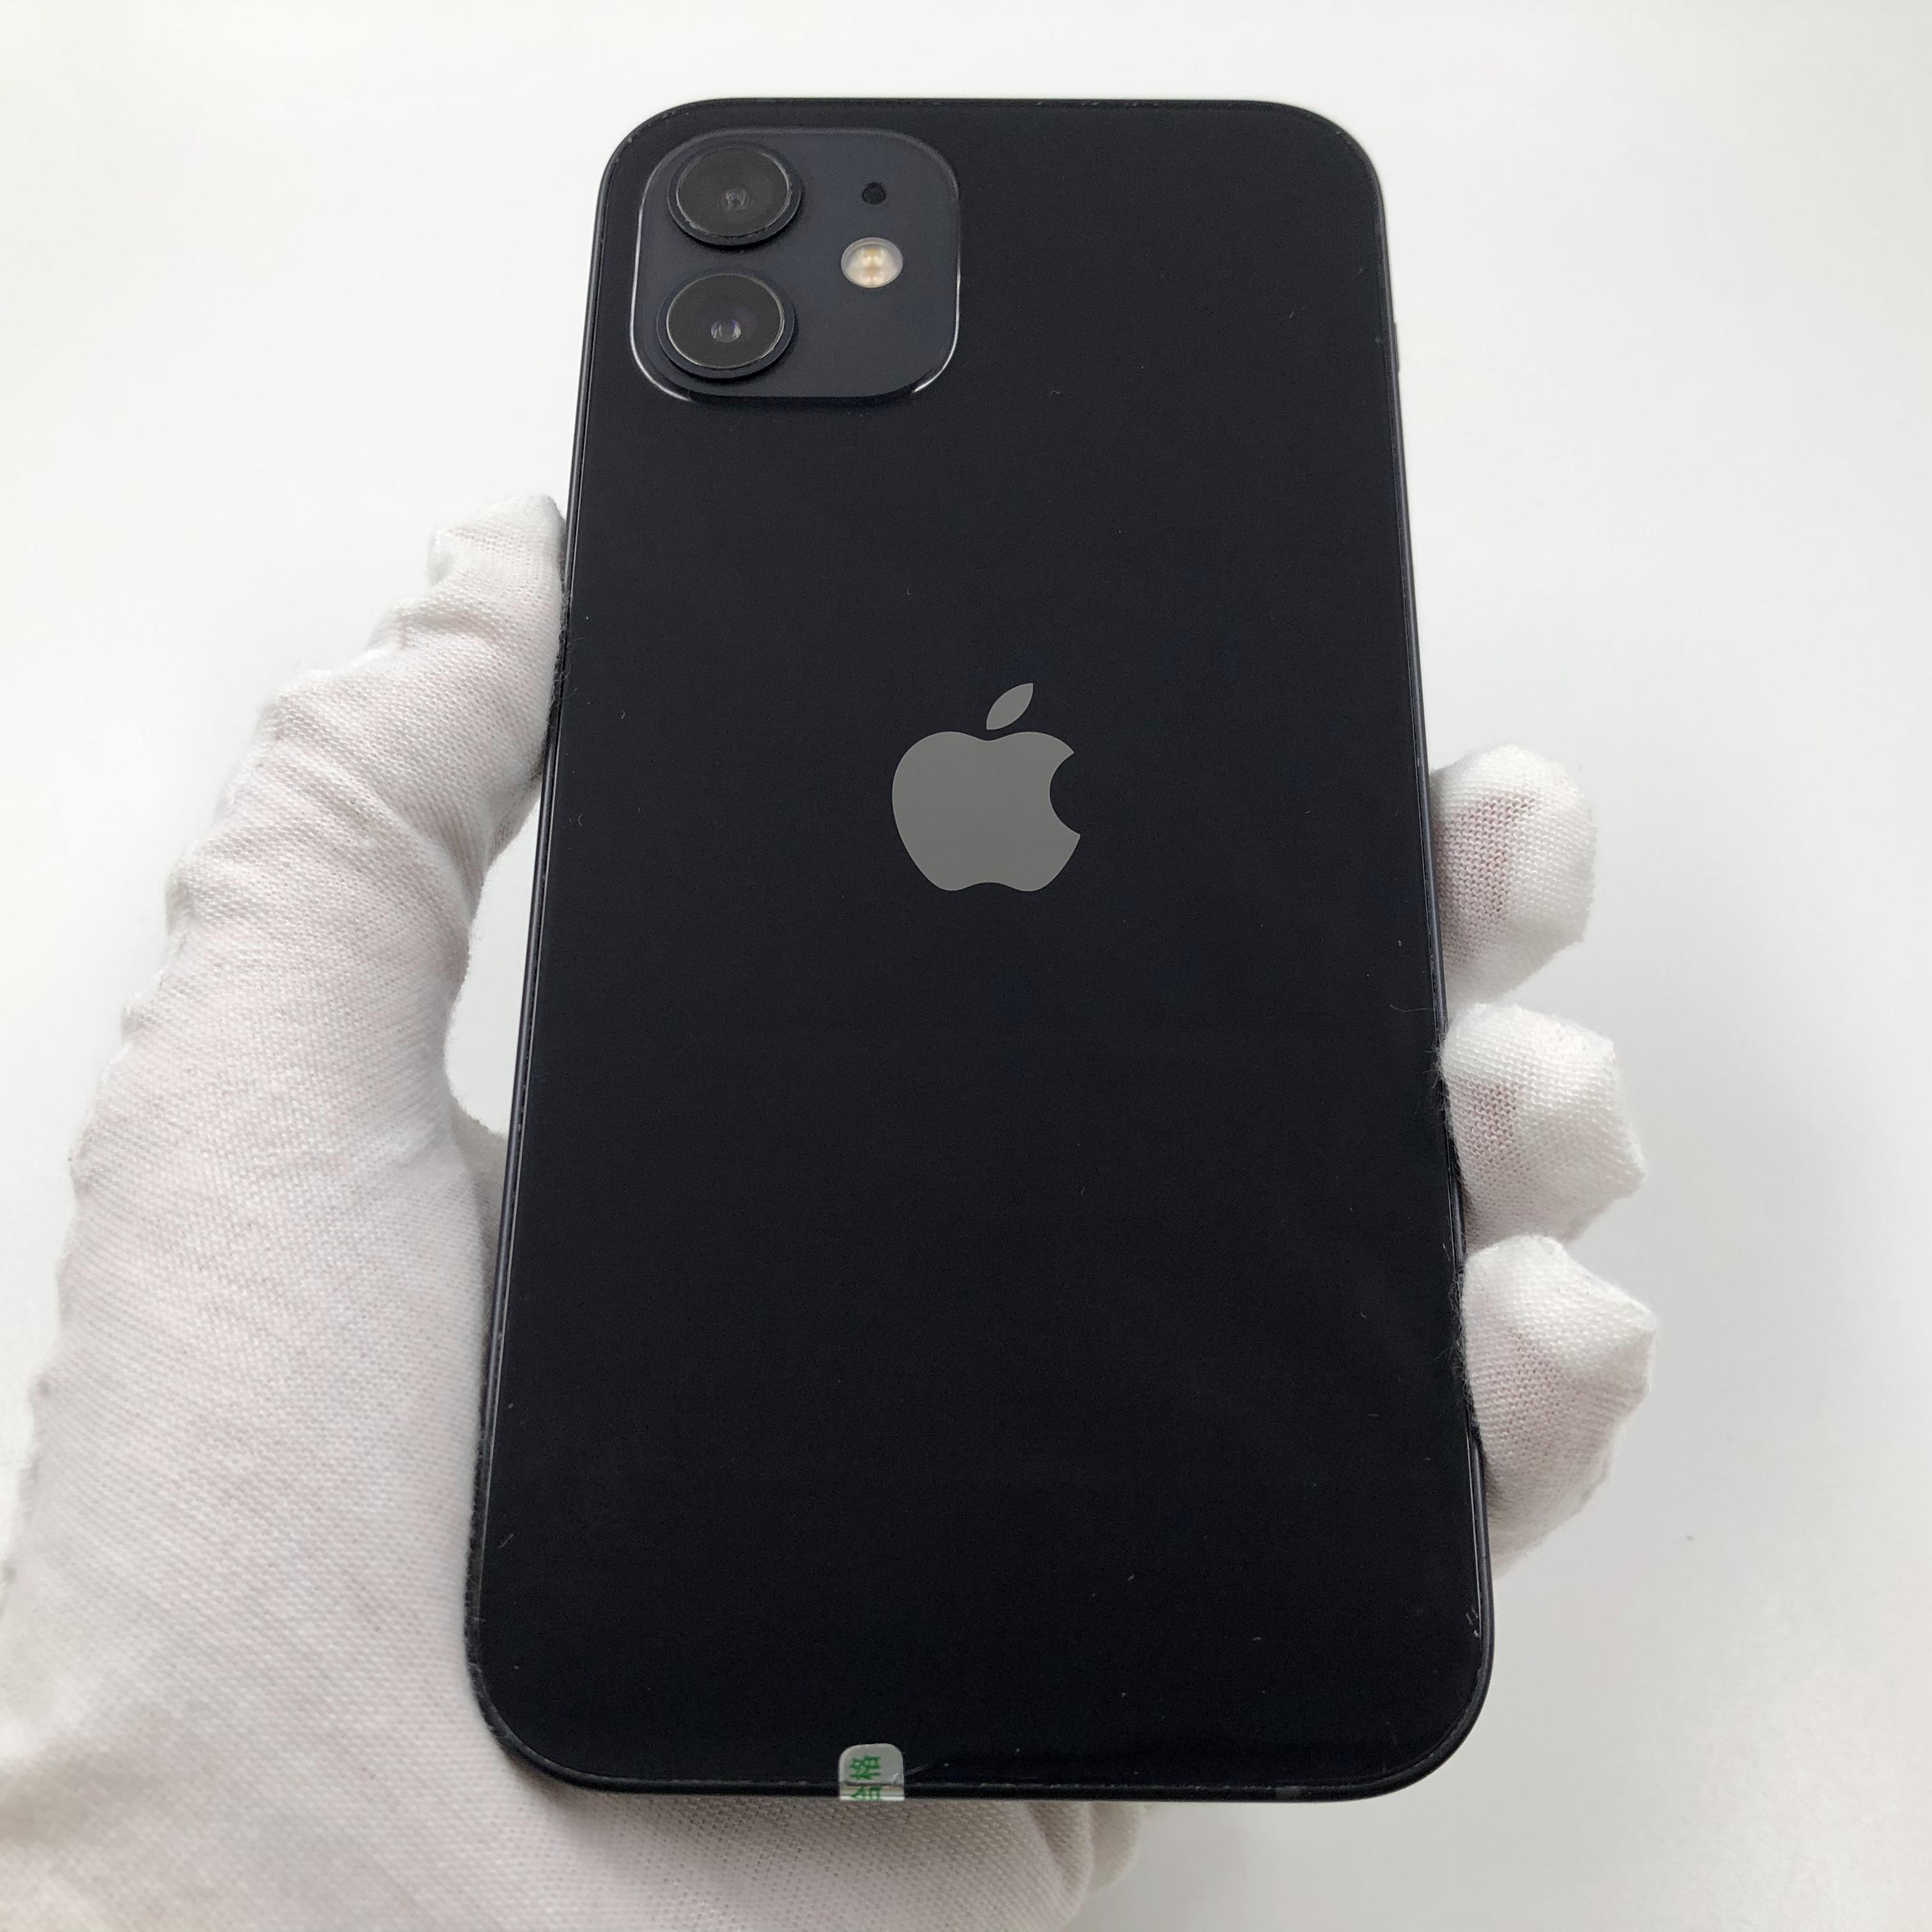 苹果【iPhone 12】5G全网通 黑色 128G 国行 8成新 真机实拍官保2021-10-22